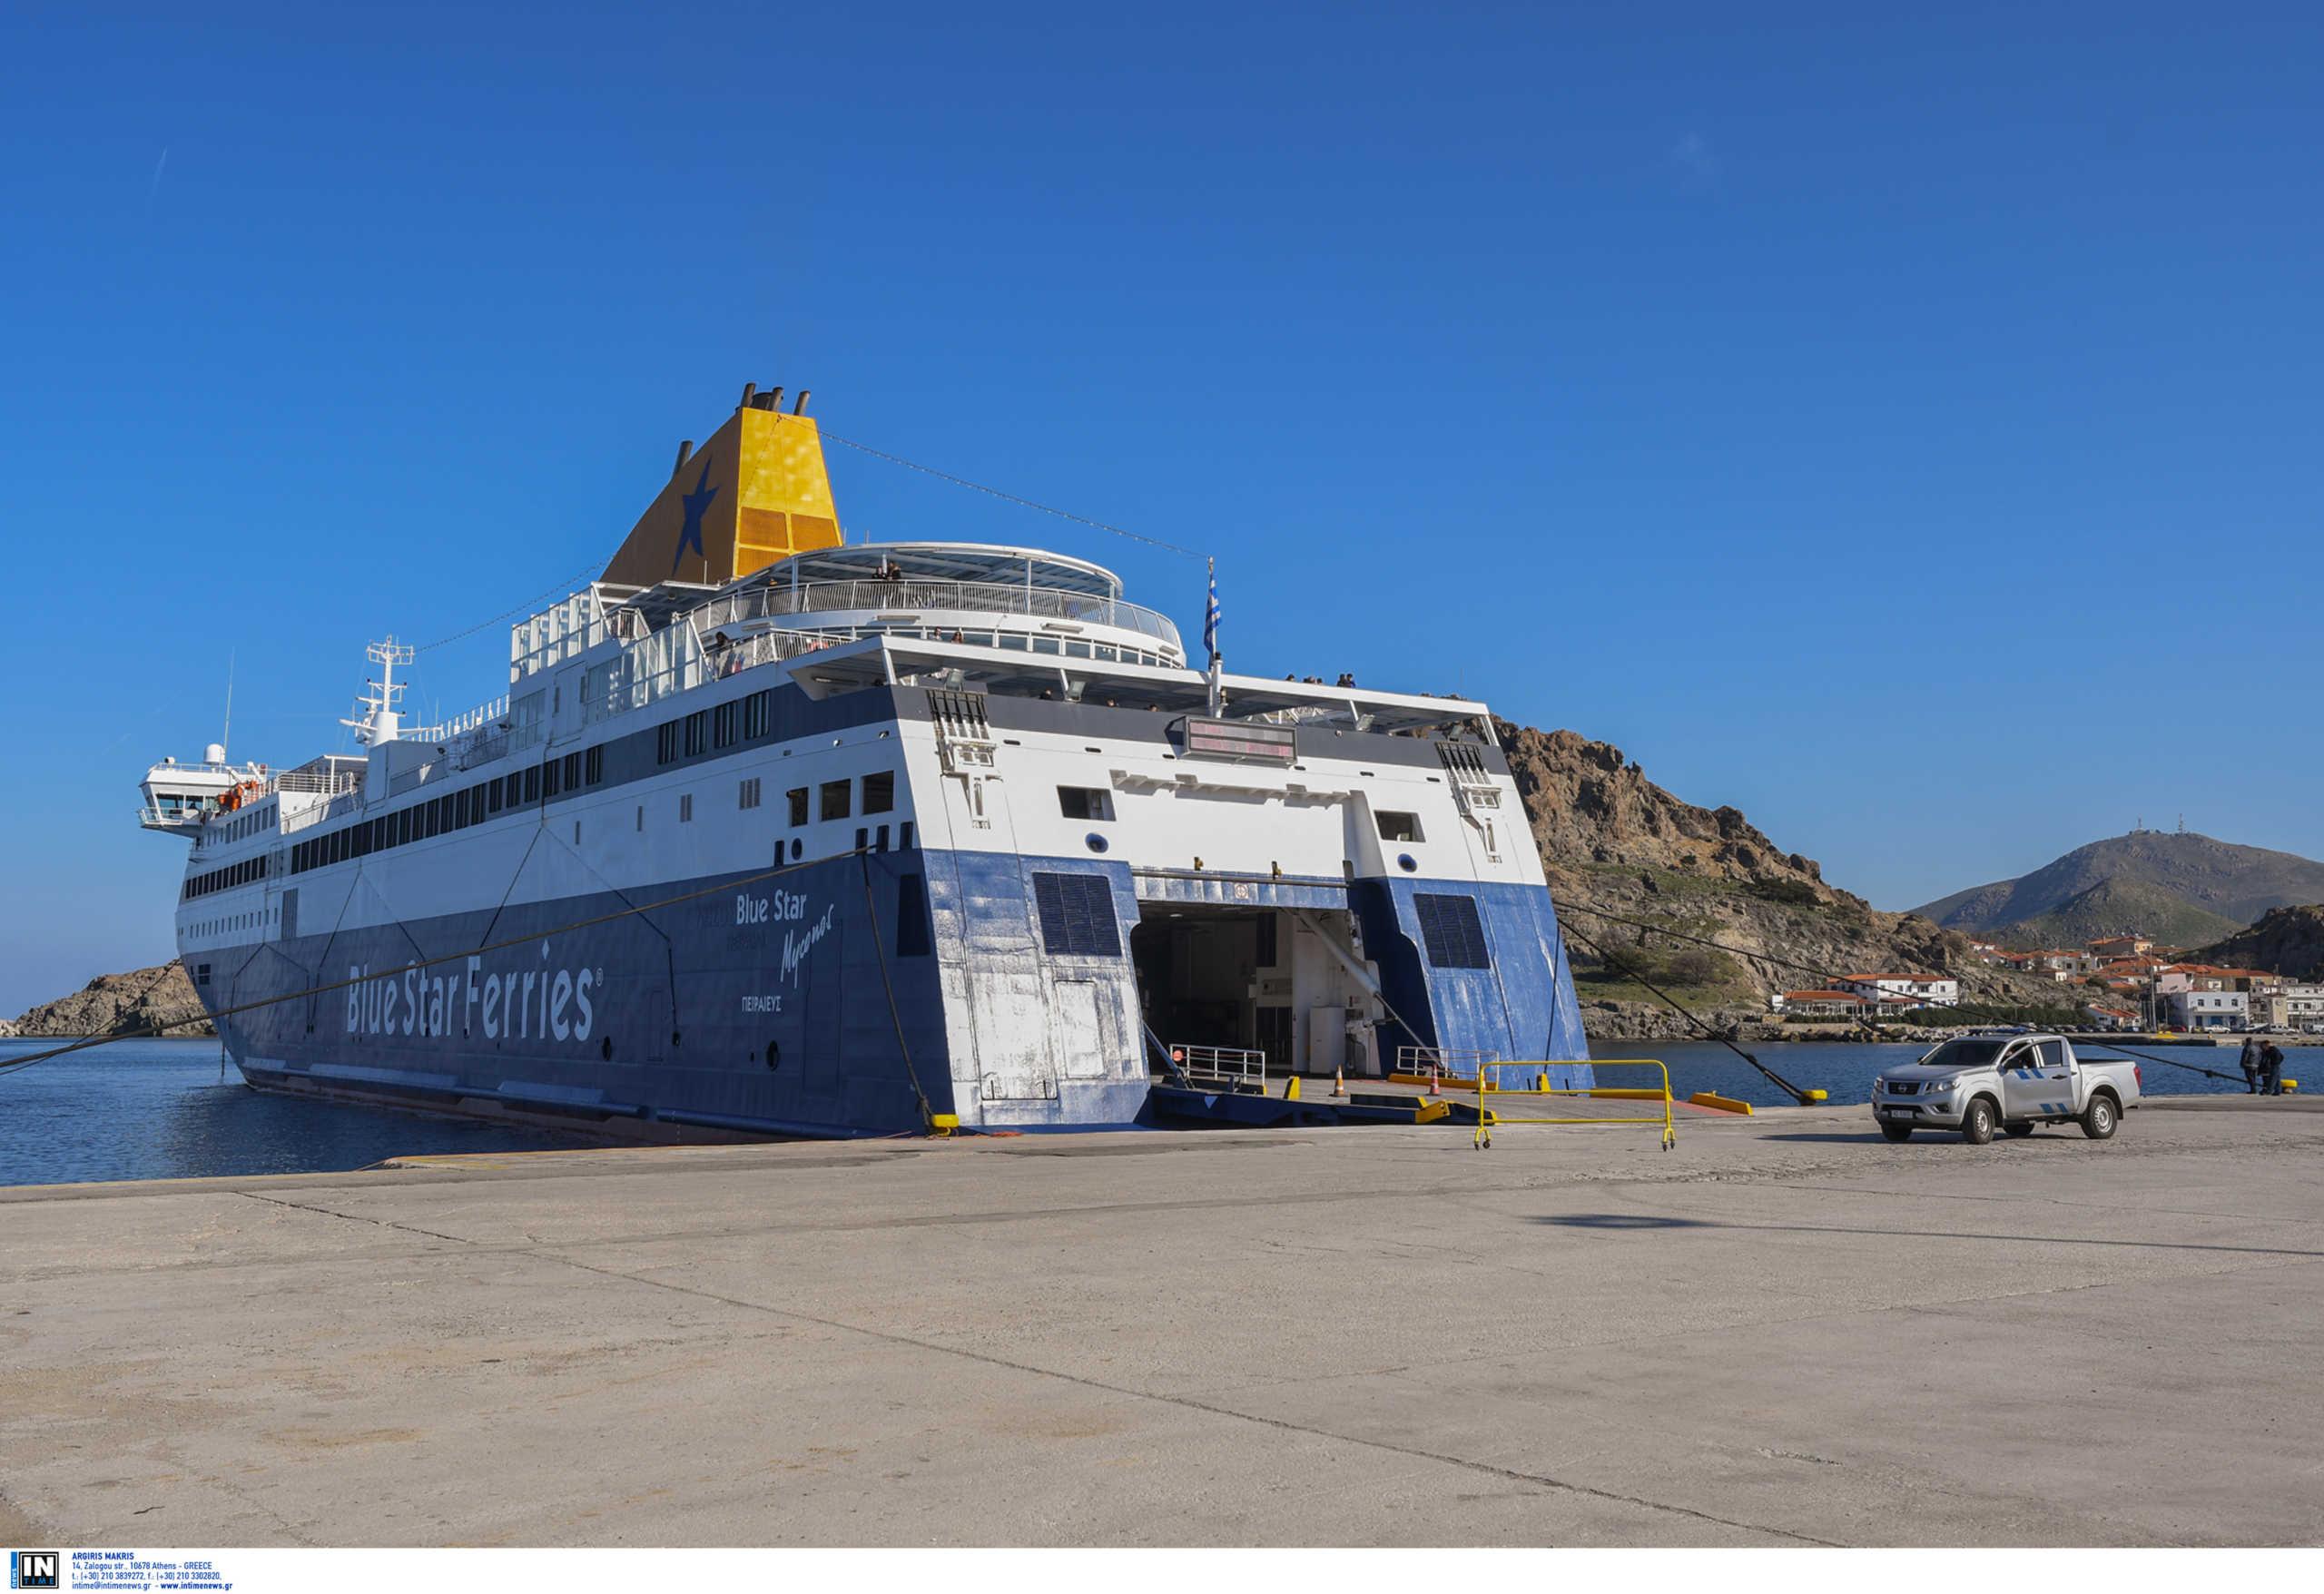 Κάσος: Προσέκρουσε στο λιμάνι το Blue Star Patmos